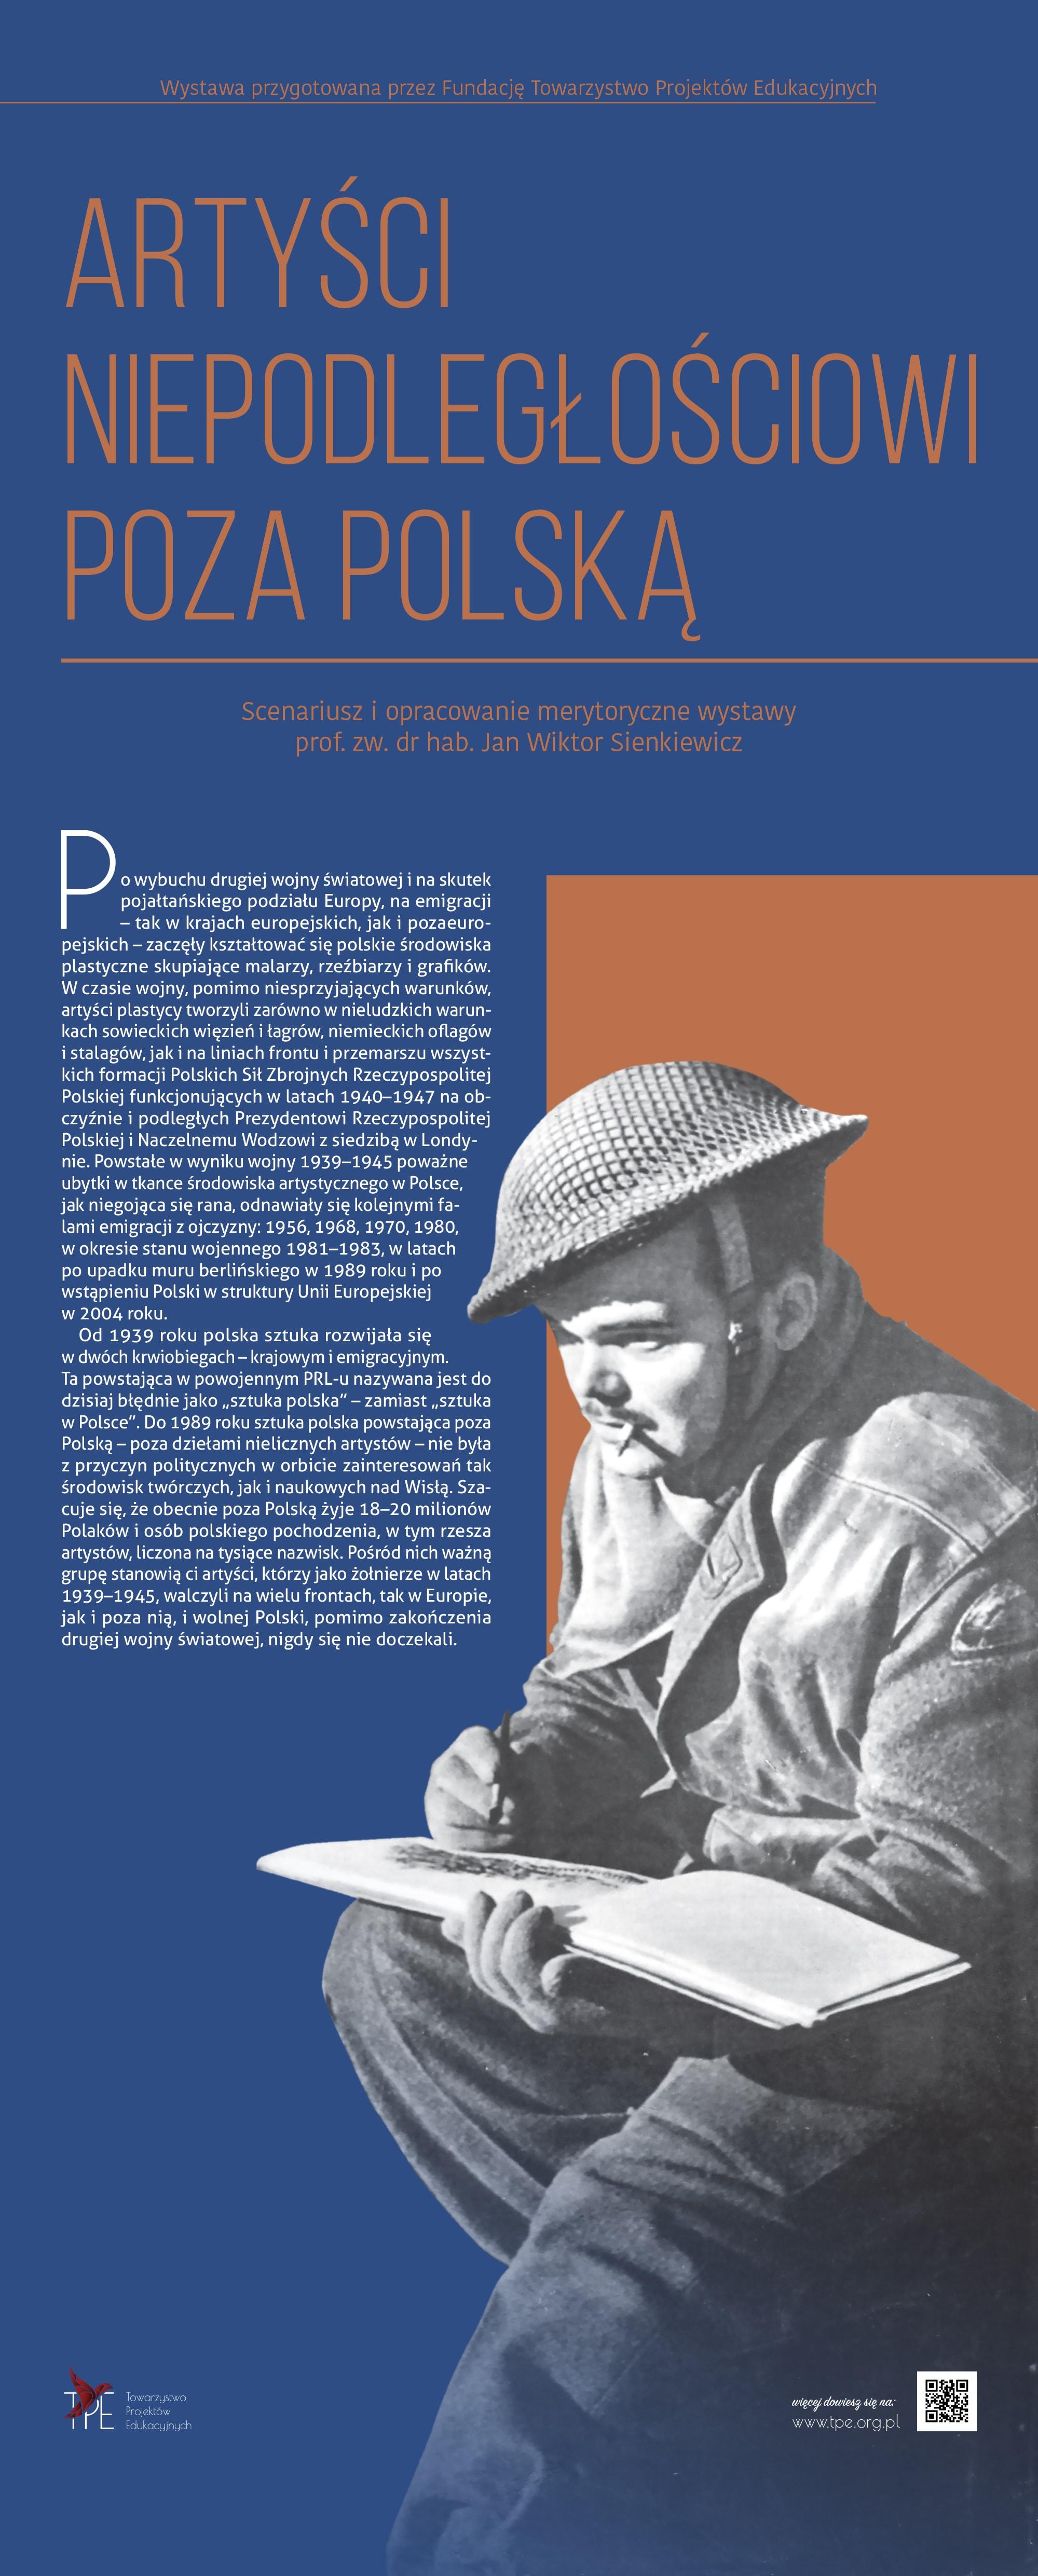 Artyści niepodległościowi poza Polską